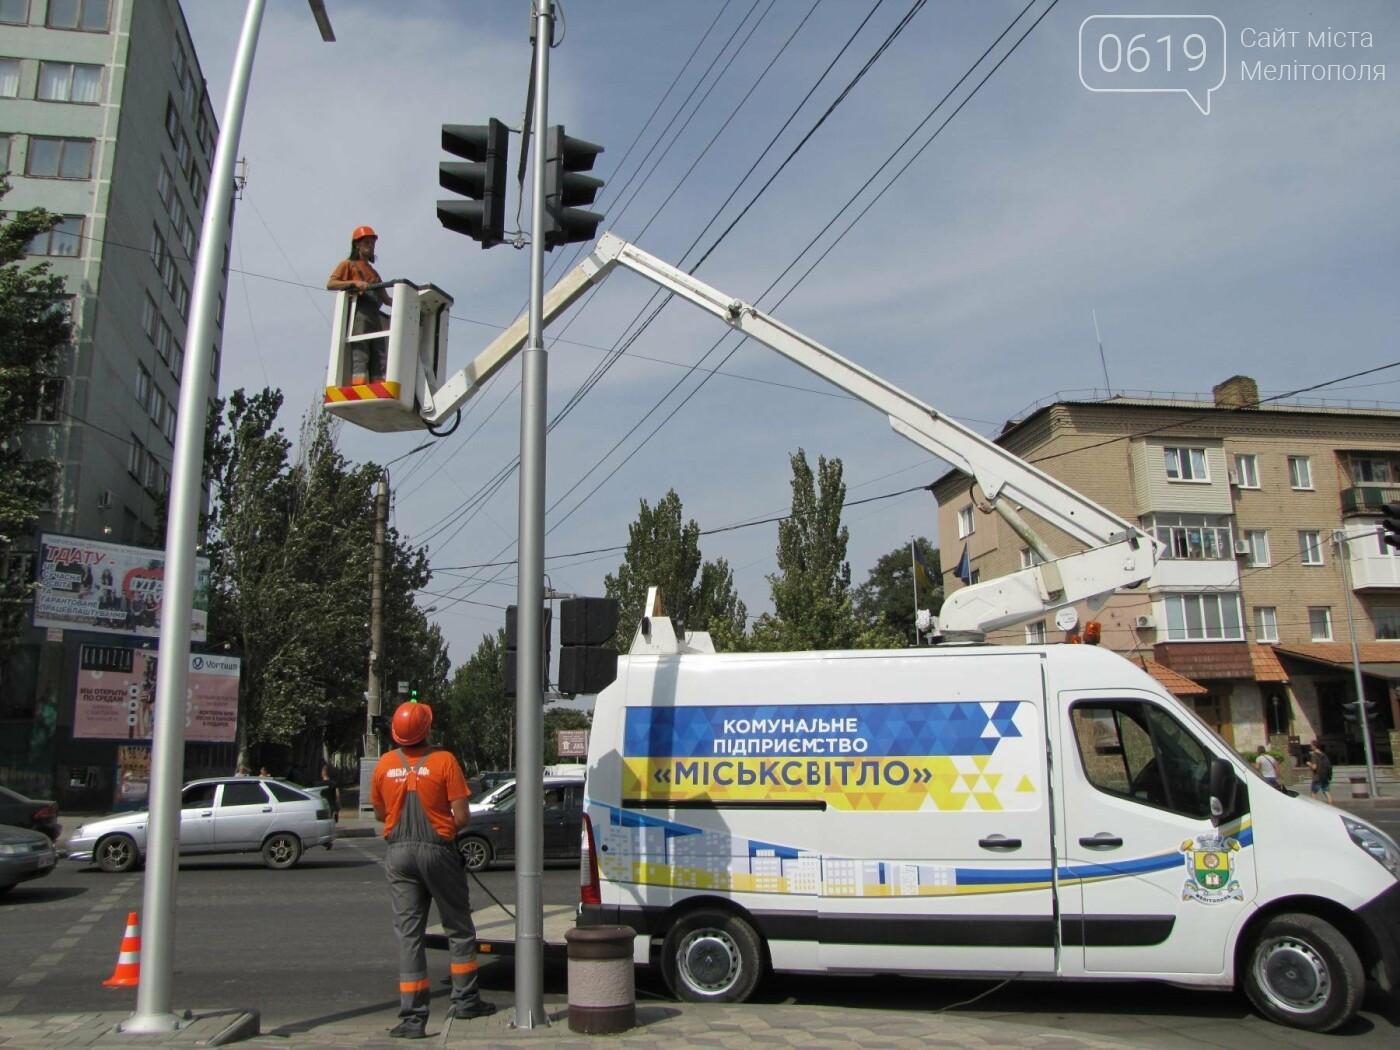 Мелитопольскому КП приобрели новую технику , фото-4, Фото сайта 0619